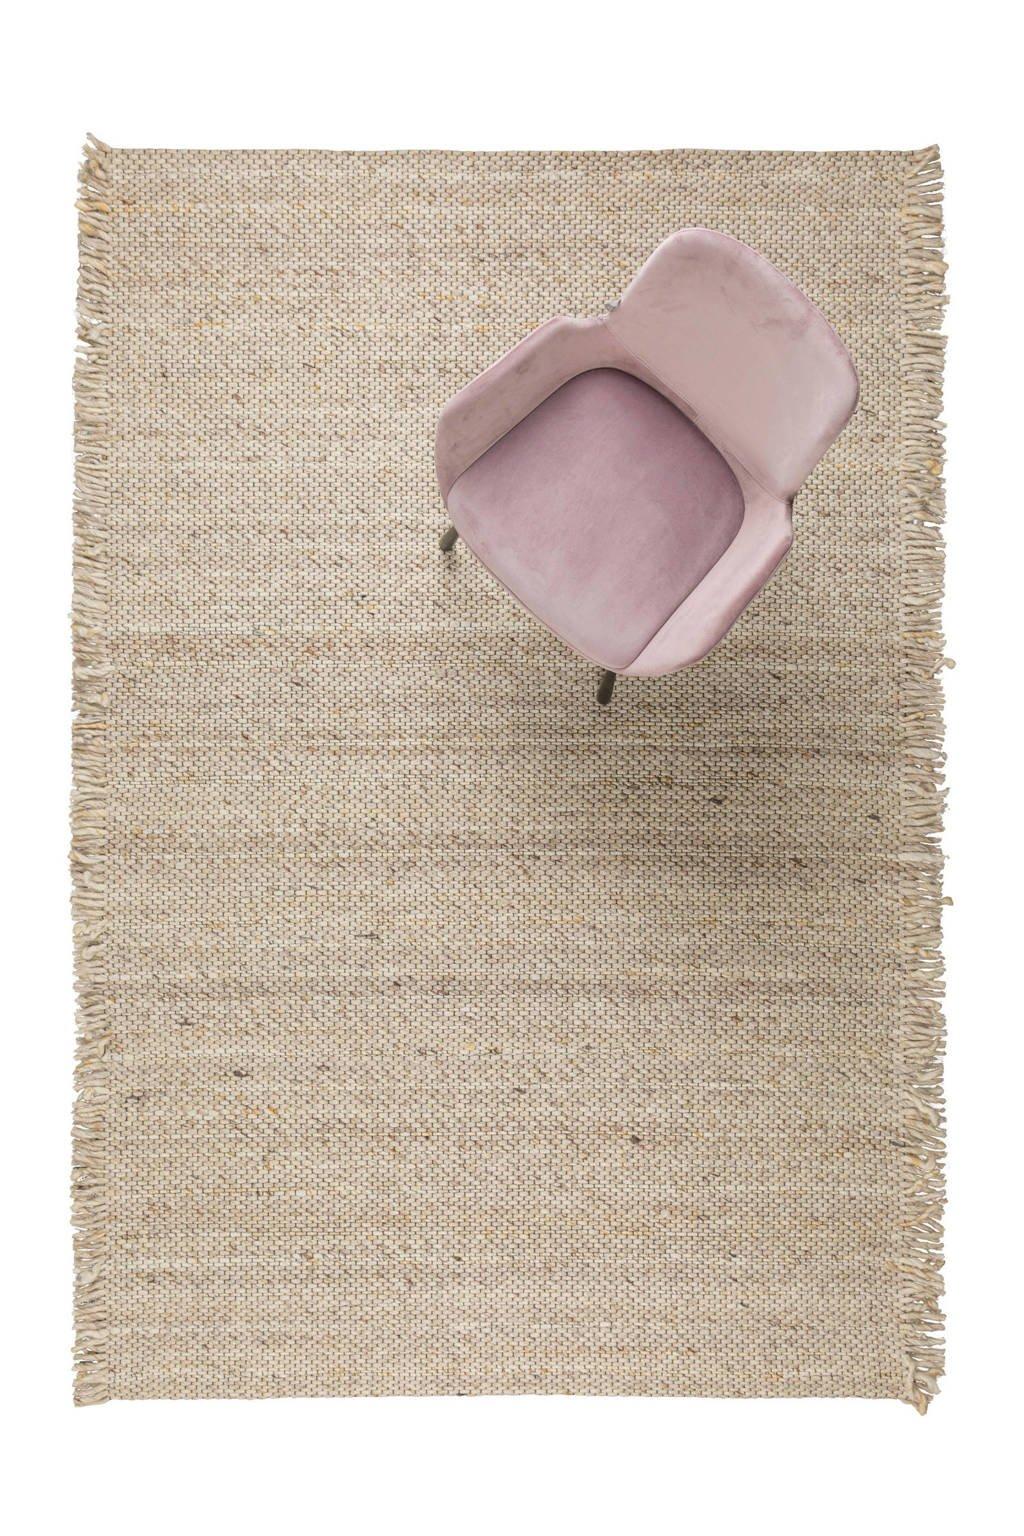 Zuiver wollen vloerkleed Frills  (240x170 cm), Beige/geel